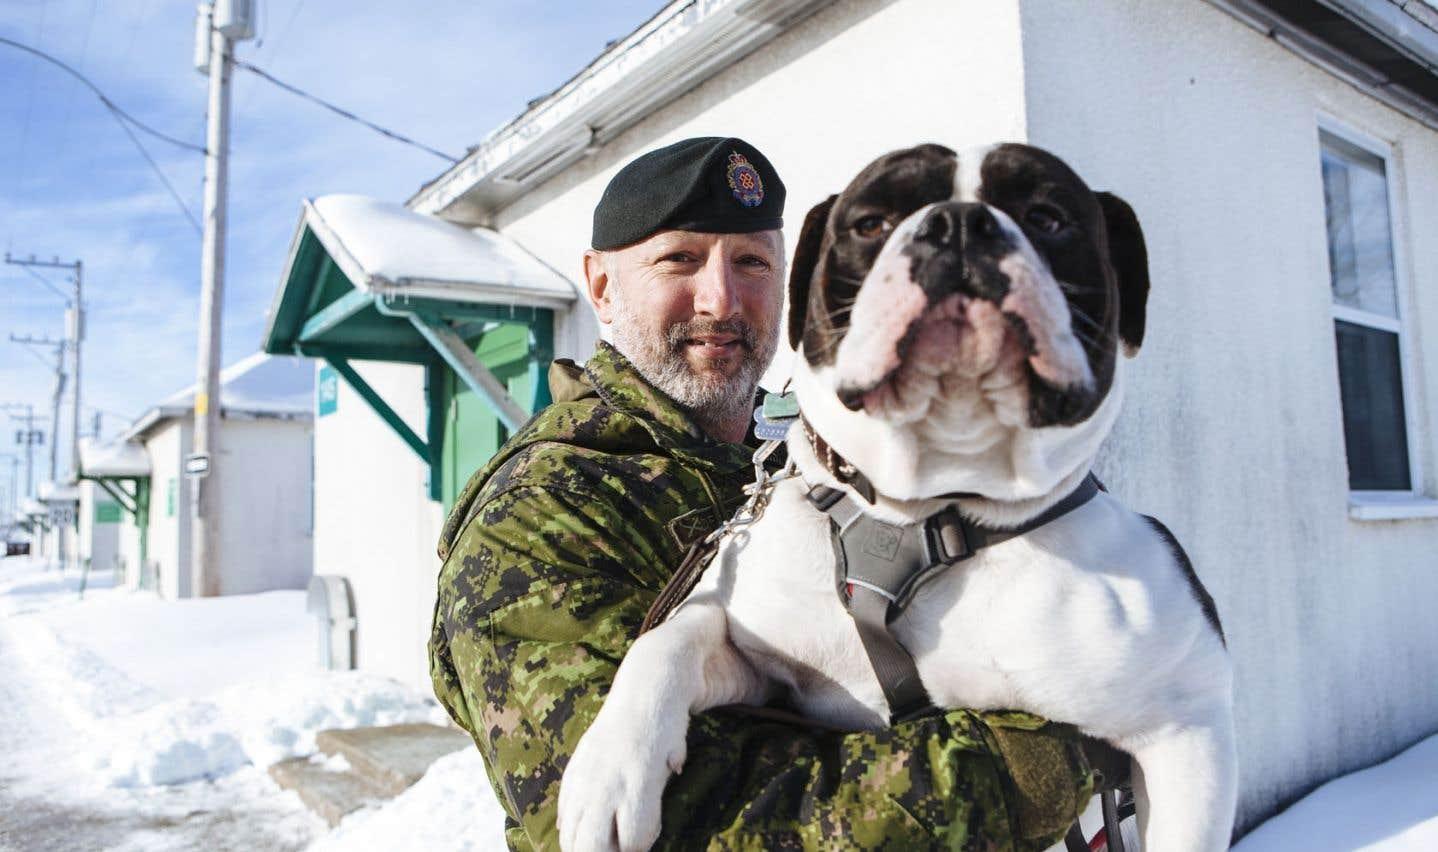 Le caporal-chef Mario Desfossés a senti que l'armée canadienne était d'une grande aide pour la population afghane. Des Afghans qu'il a côtoyés lui ont confirmé.